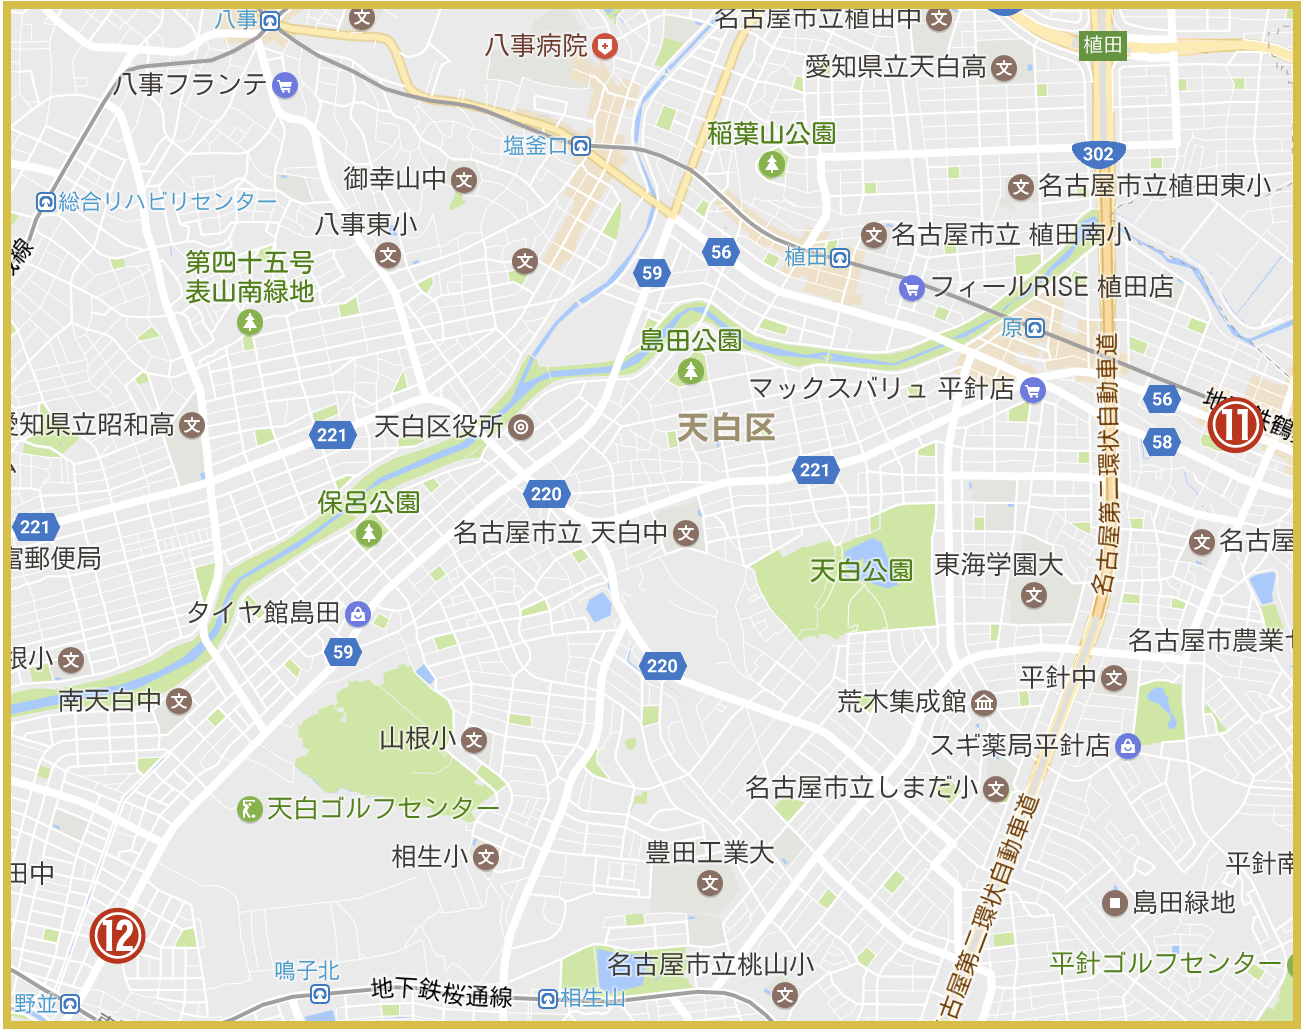 名古屋市天白区にあるプロミス店舗・ATMの位置(2020年版)